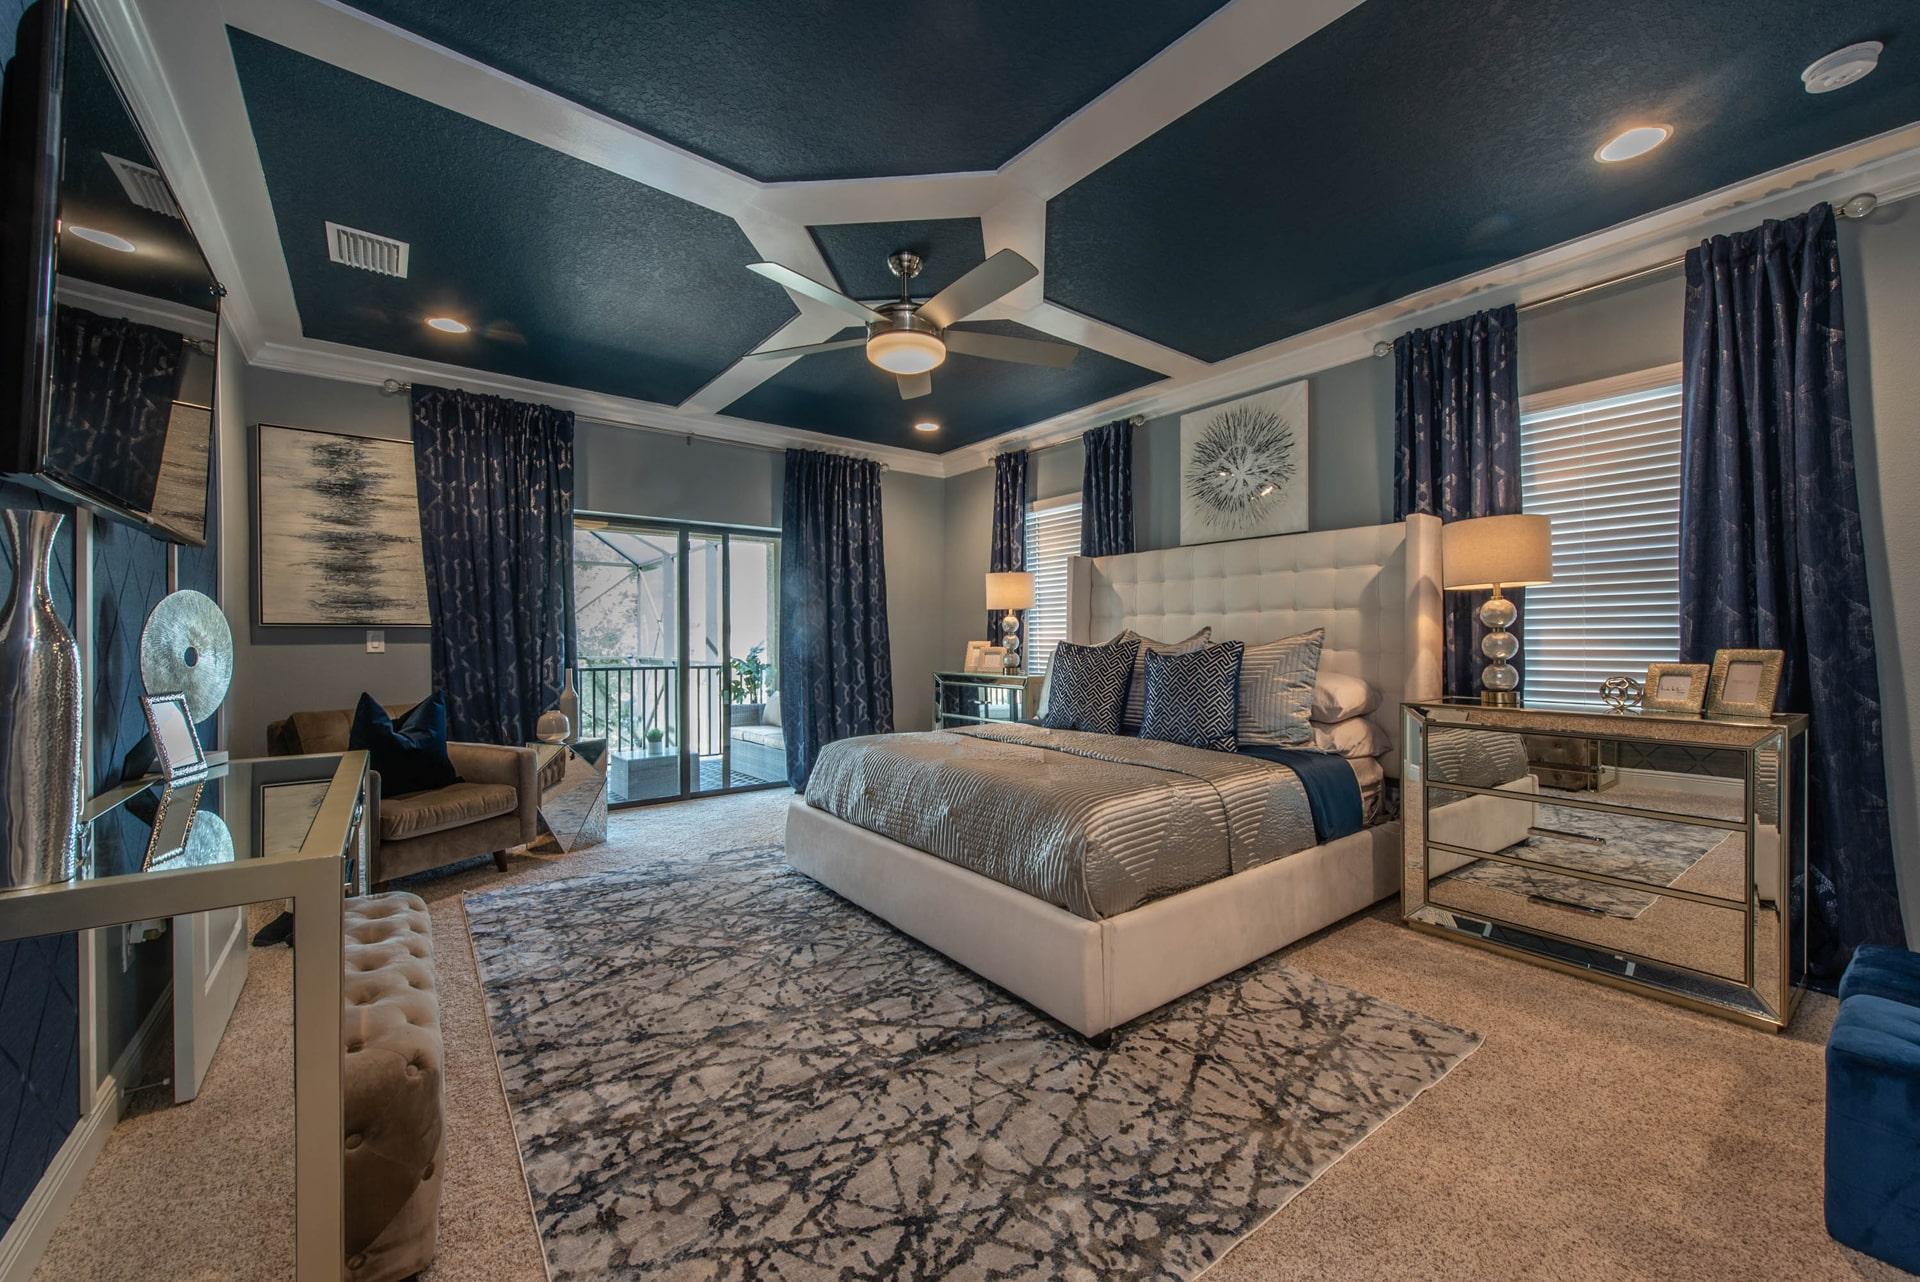 Master Bedroom Interior Design 10 2019 55 K Jillian Designs